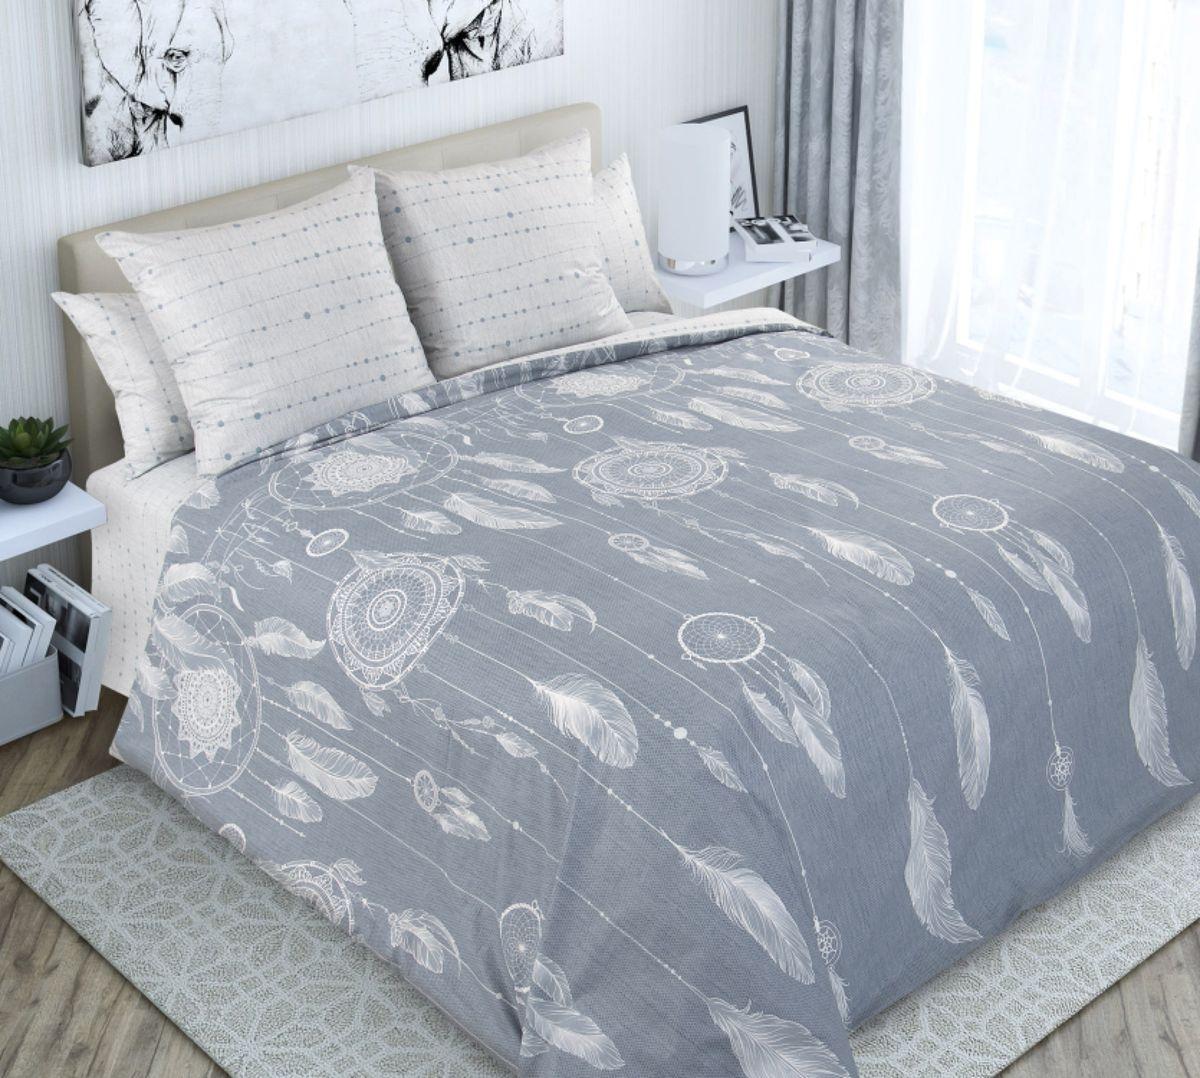 Комплект постельного белья 2-спальный с Евро простыней, перкаль (Ловцы снов)